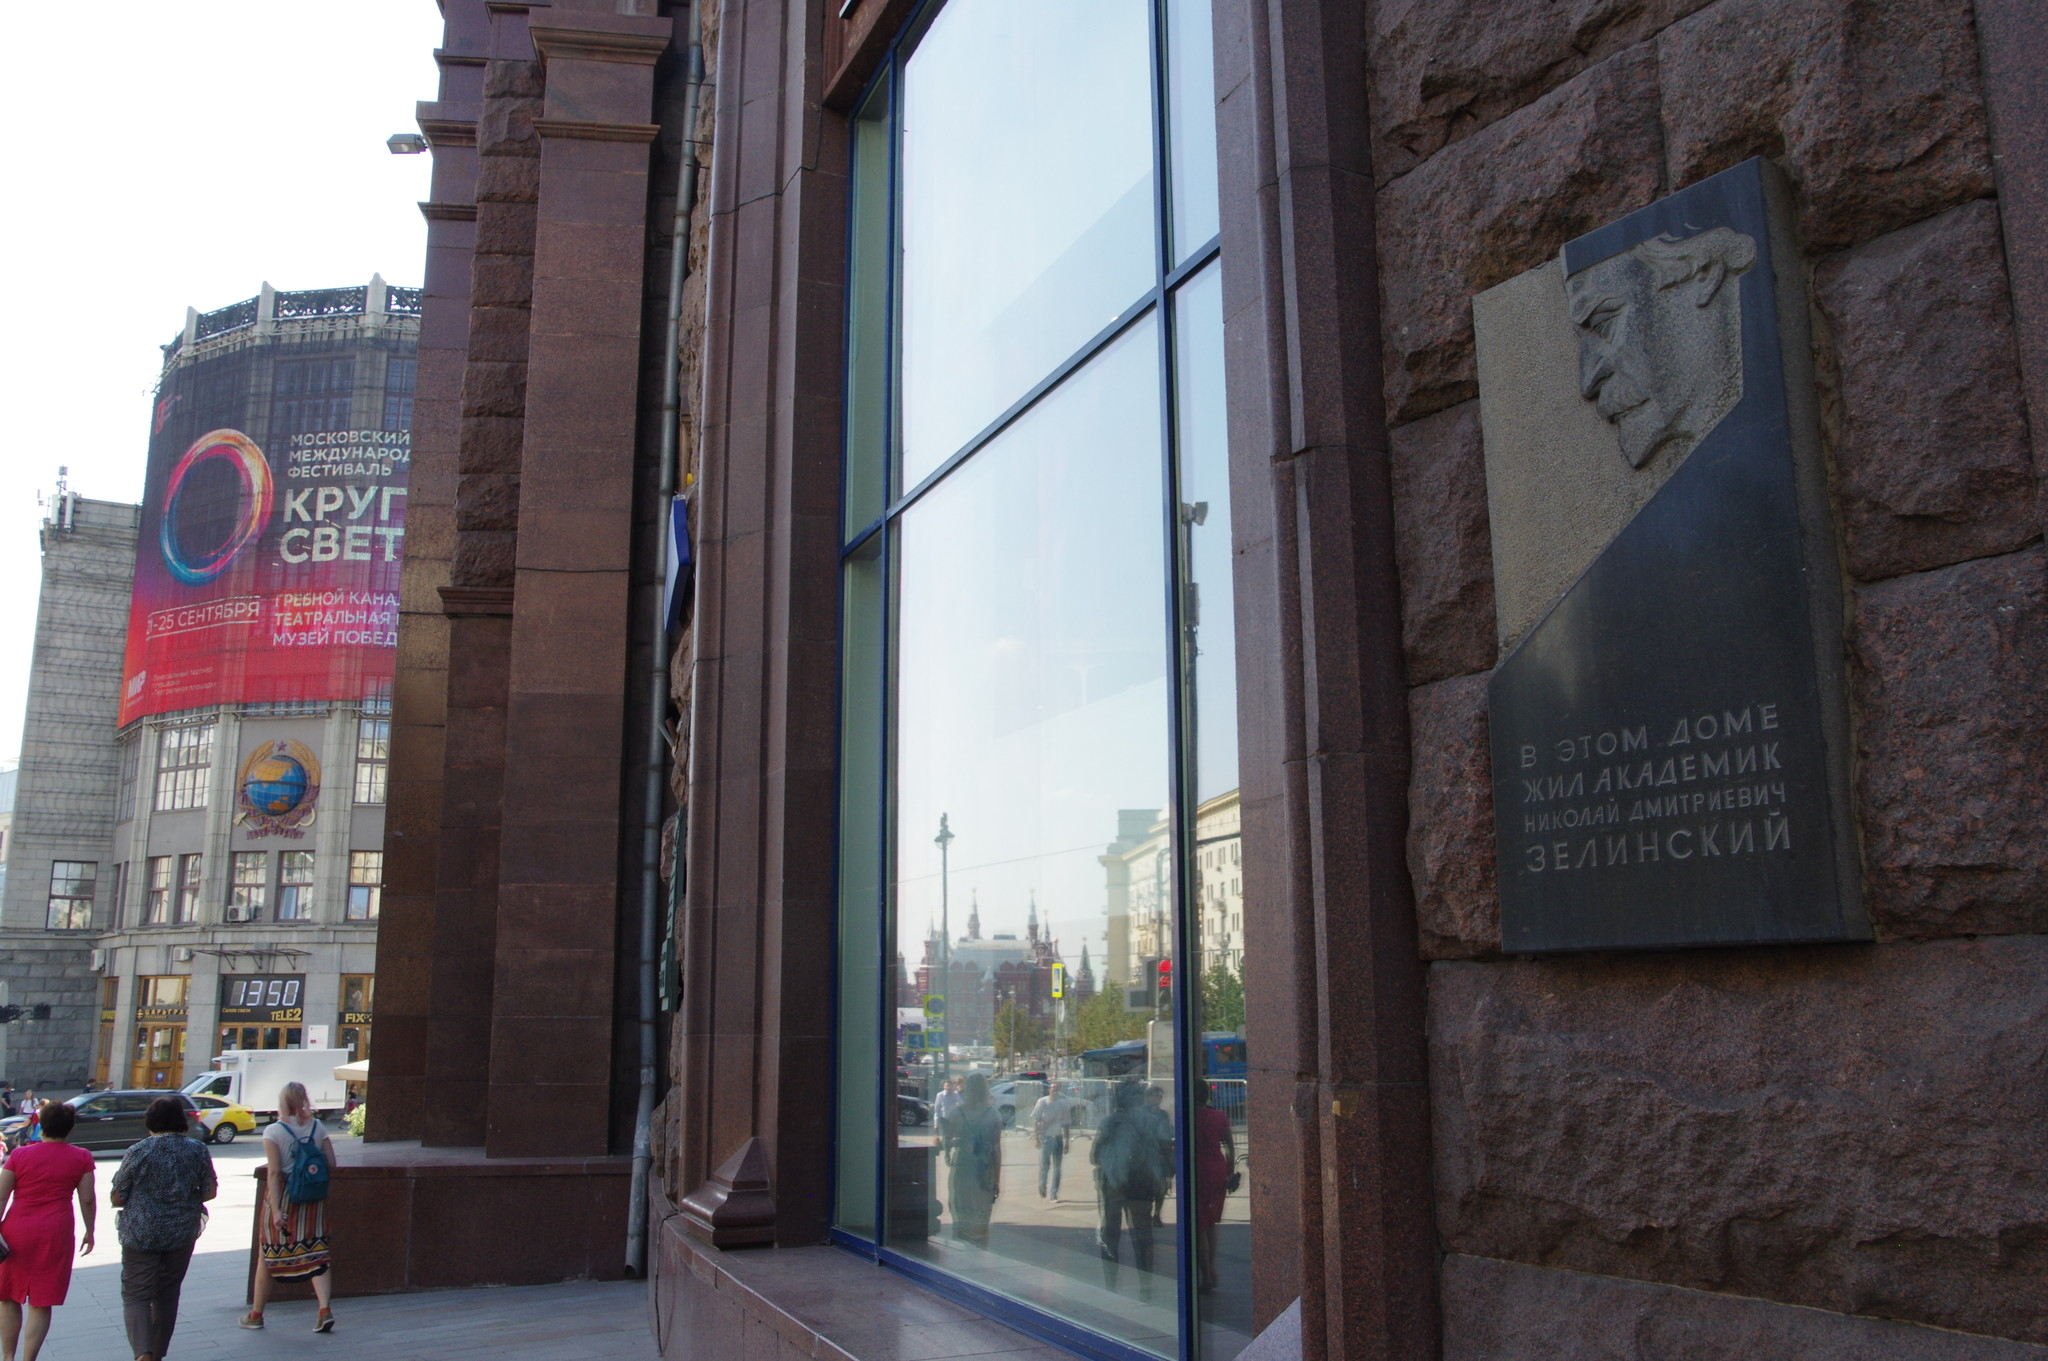 Мемориальная доска Зелинскому Николаю Дмитриевичу на фасаде дома где жил и работал в 1893-1950 г.г. великий русский химик (Большая Никитская улица, дом 2)